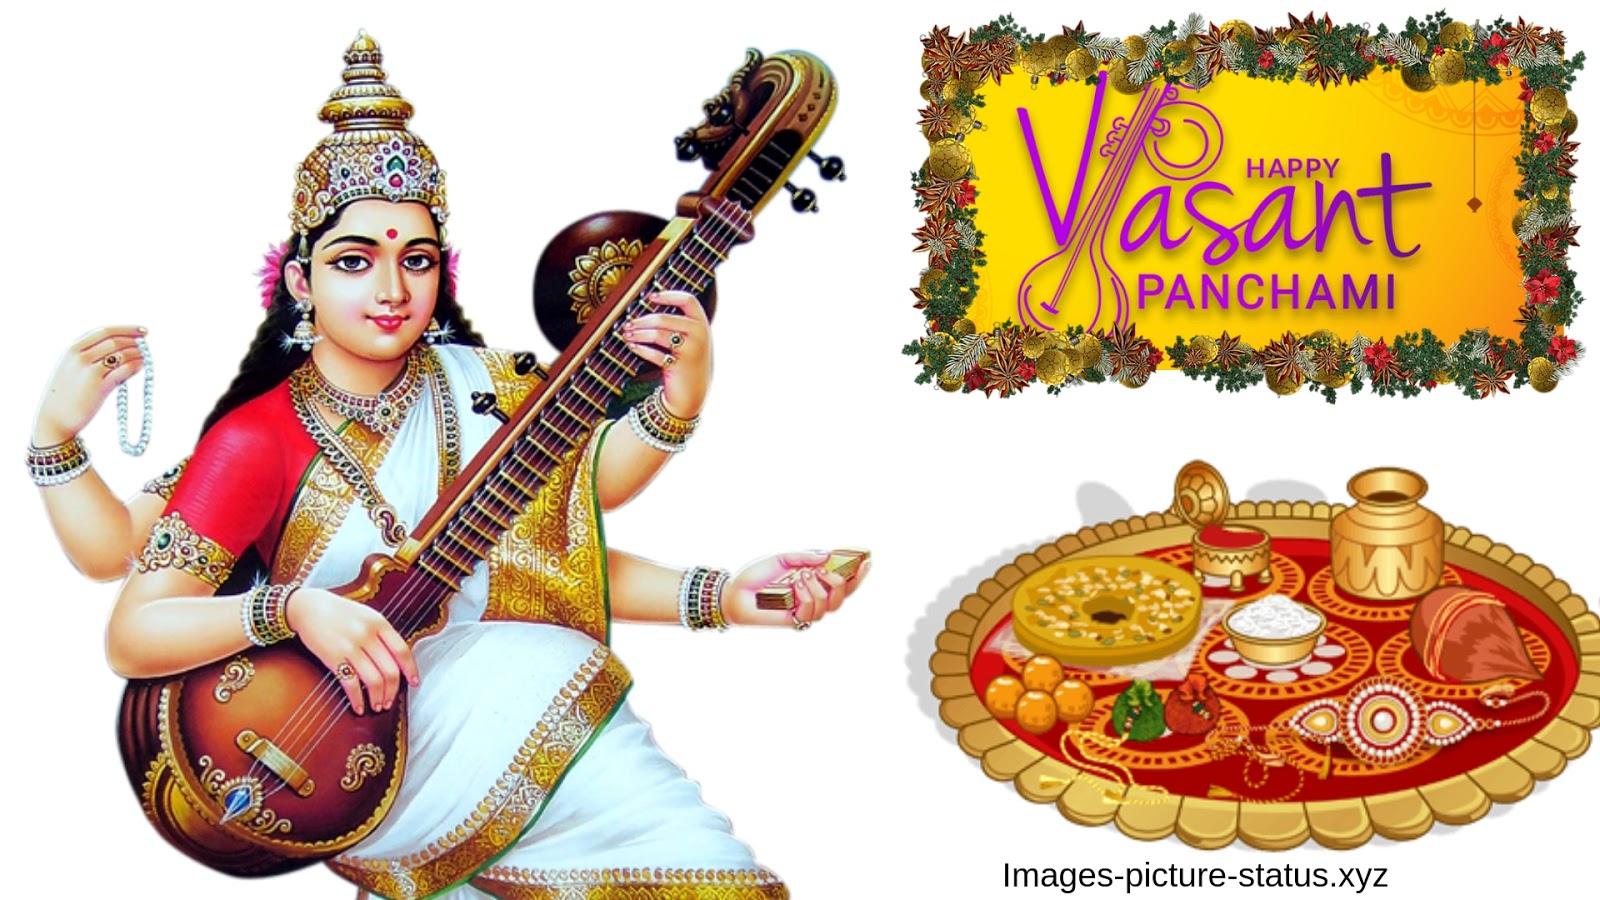 Vasant Panchami 20199 Wishes Images, Basant Panchami, - Maa Saraswati Png Hd , HD Wallpaper & Backgrounds